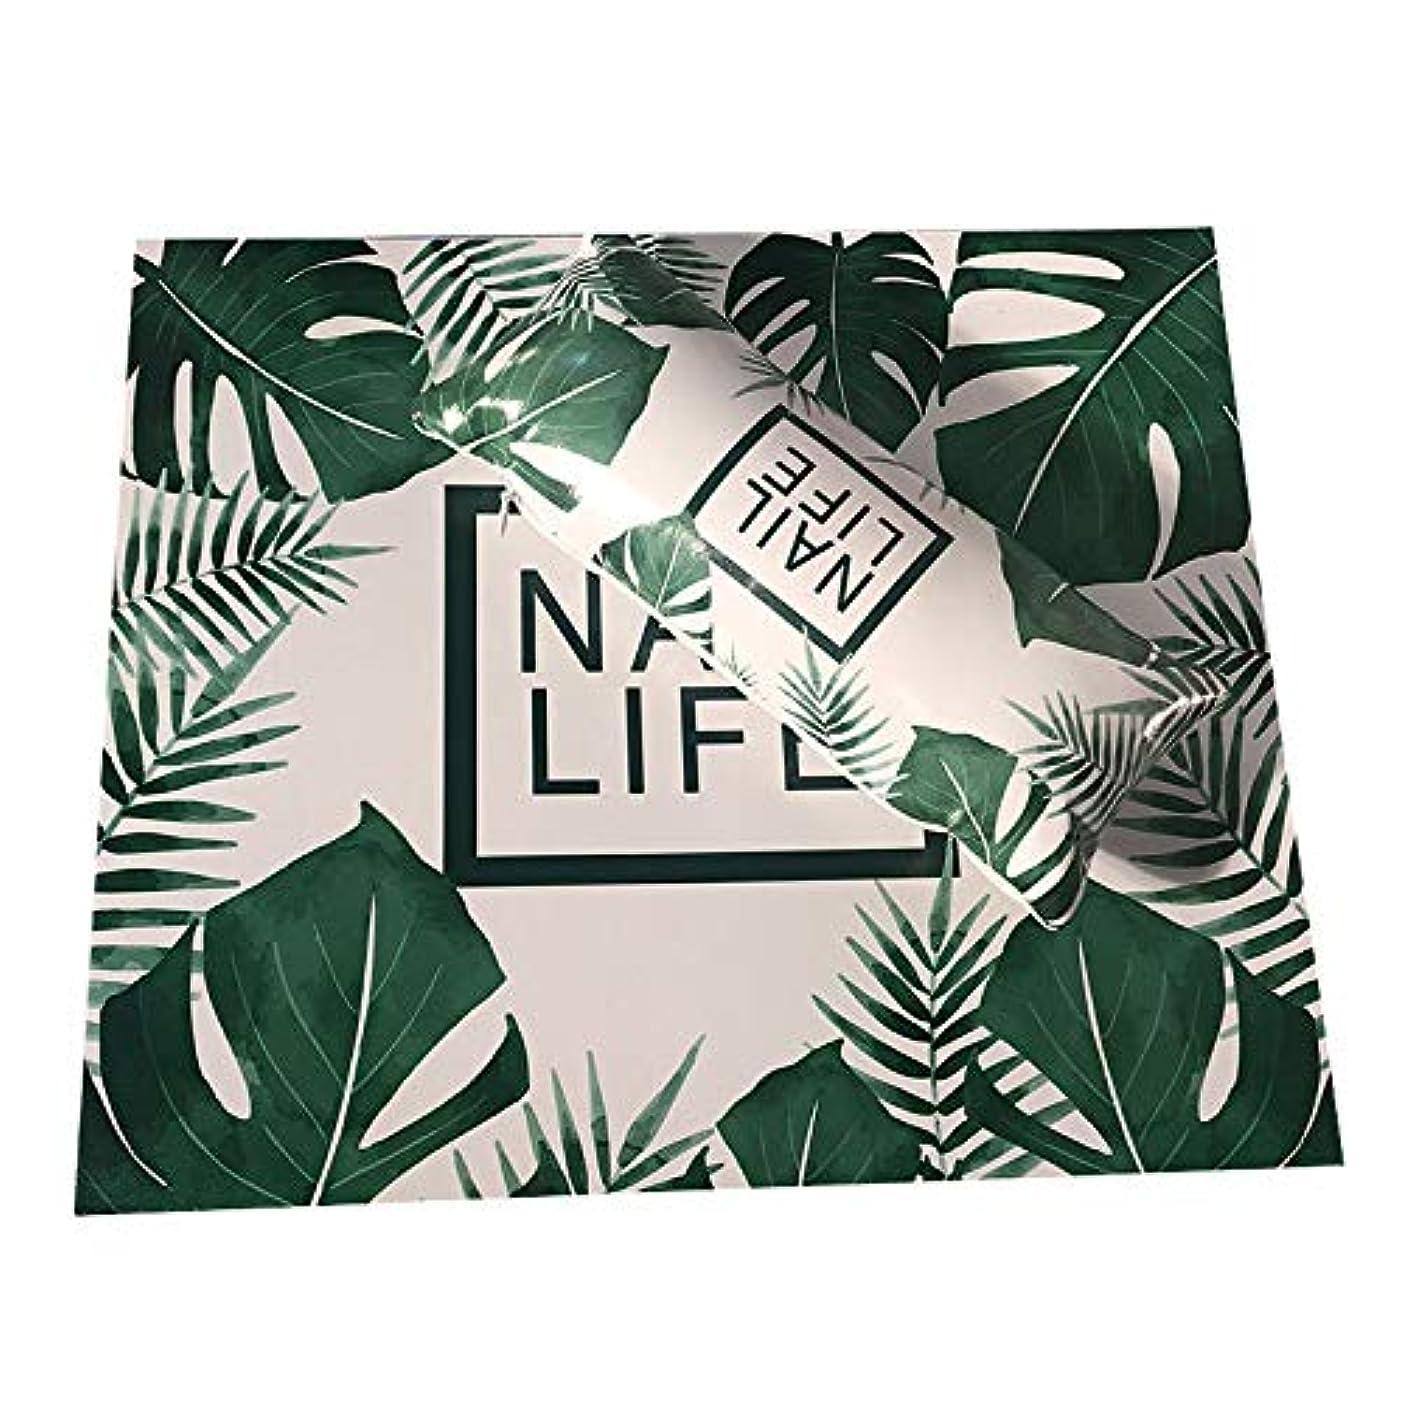 タブレット同等のナチュラSODIAL ネイルアート用手枕のクッション、ネイルポリッシュのホルダー、ソフト、Puレザー、スポンジのアームレスト、ストライプのデザイン、サロンのマニキュア(植物#)